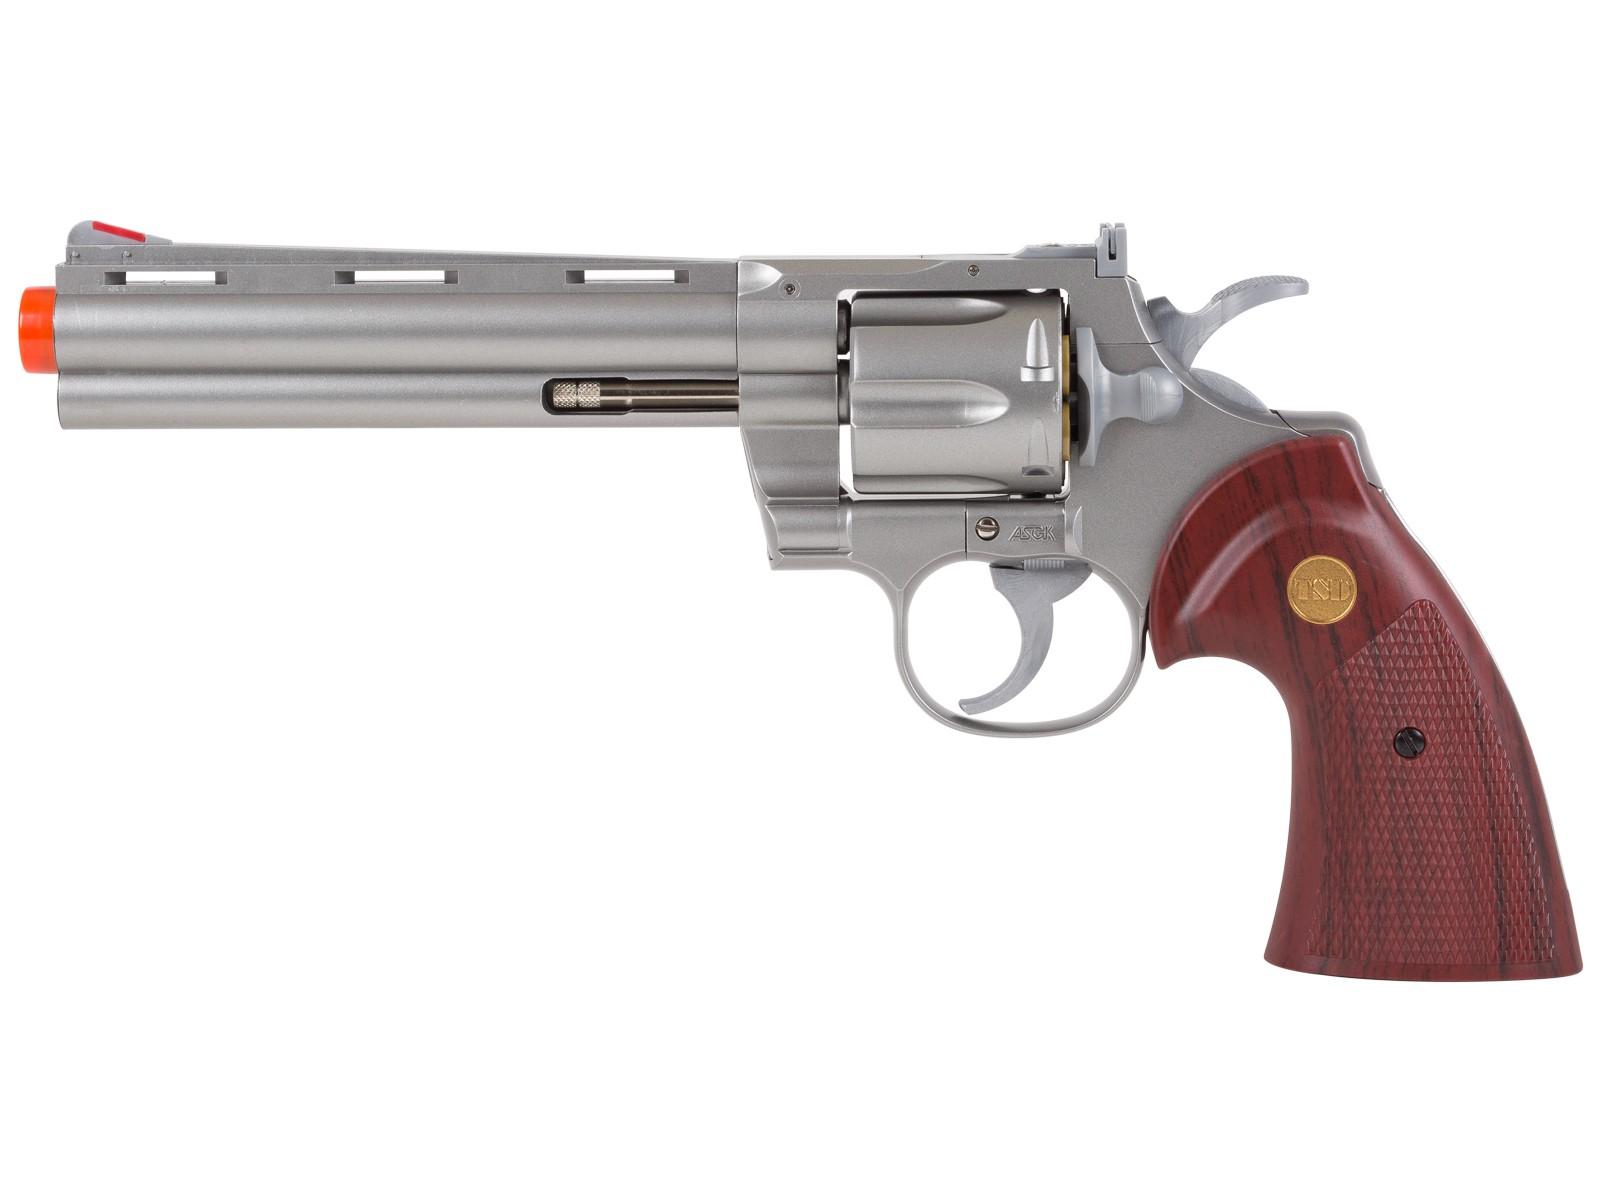 TSD_Zombie_Killer_Spring_Revolver_6_Barrel_SilverRosewood_6mm